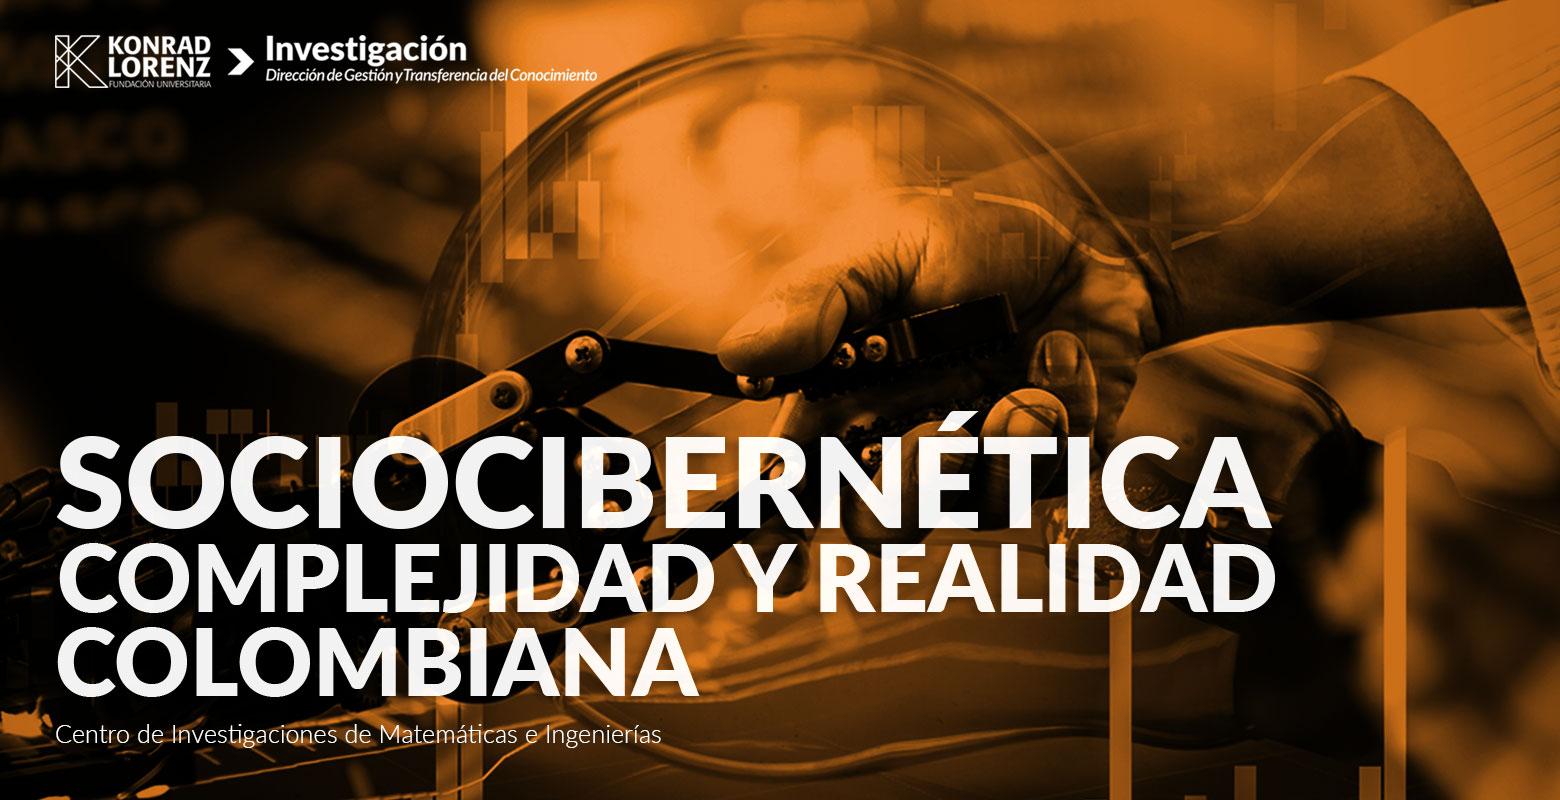 Sociocibernética, Complejidad y Realidad Colombiana